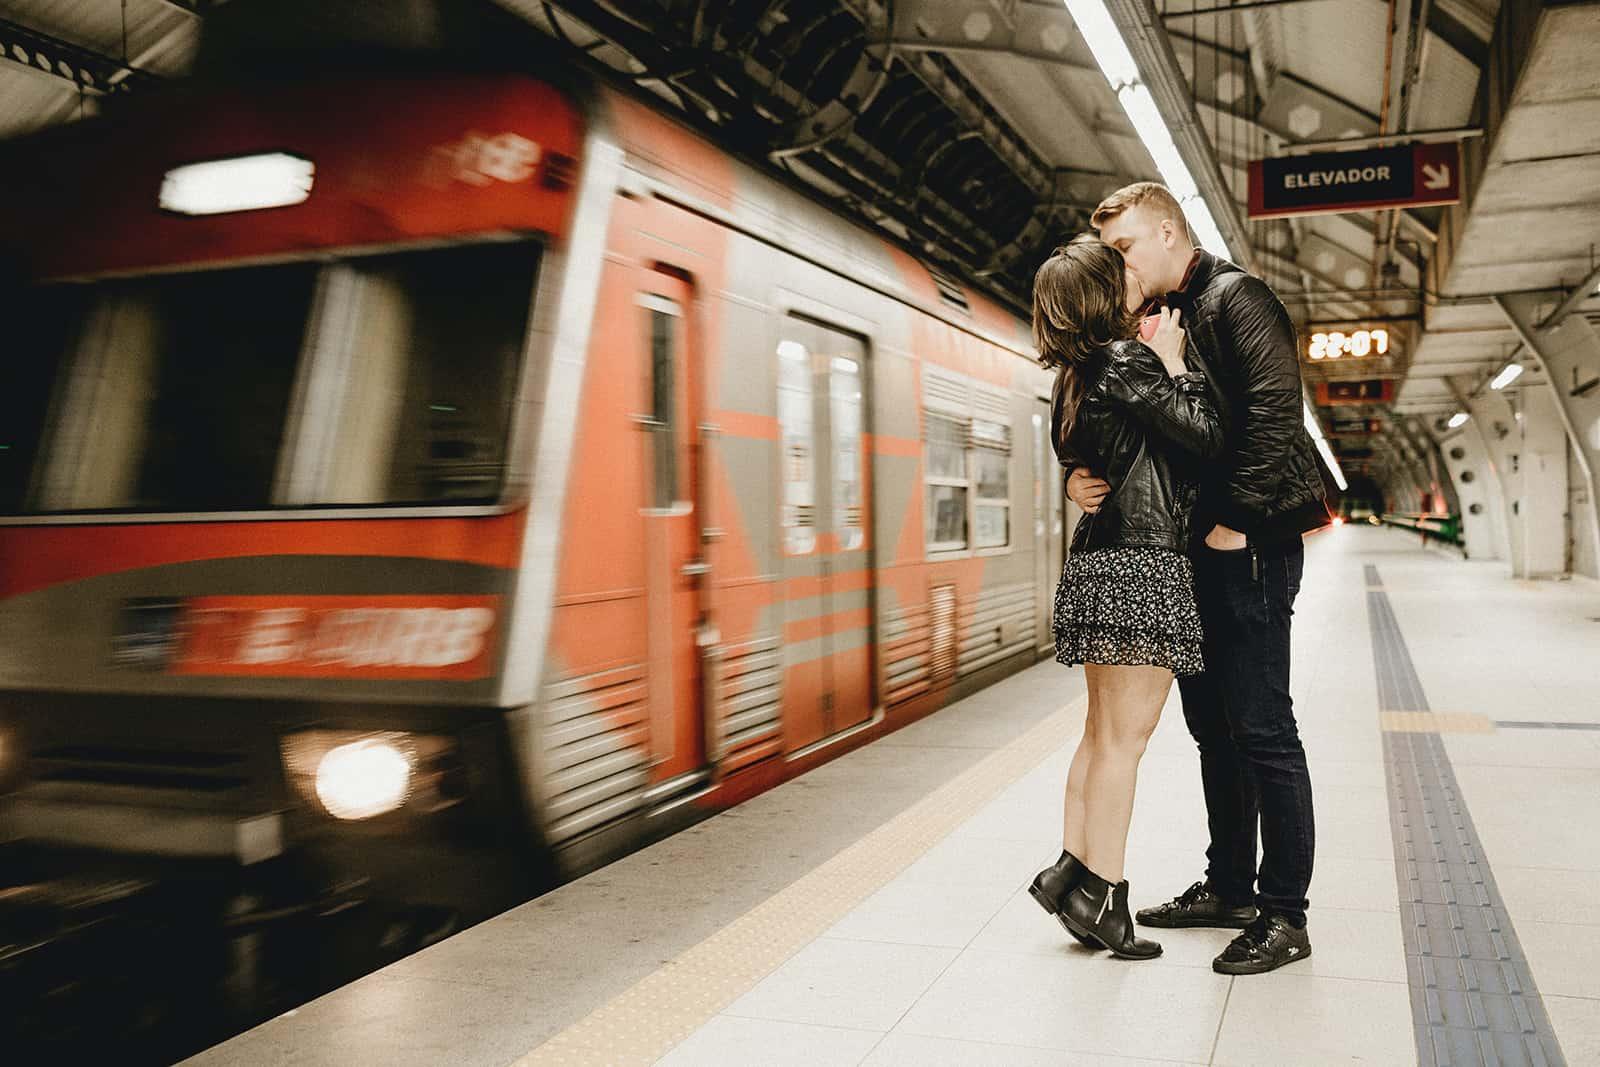 Paar küsst sich in einer U-Bahn, während der Zug neben ihnen vorbeifährt